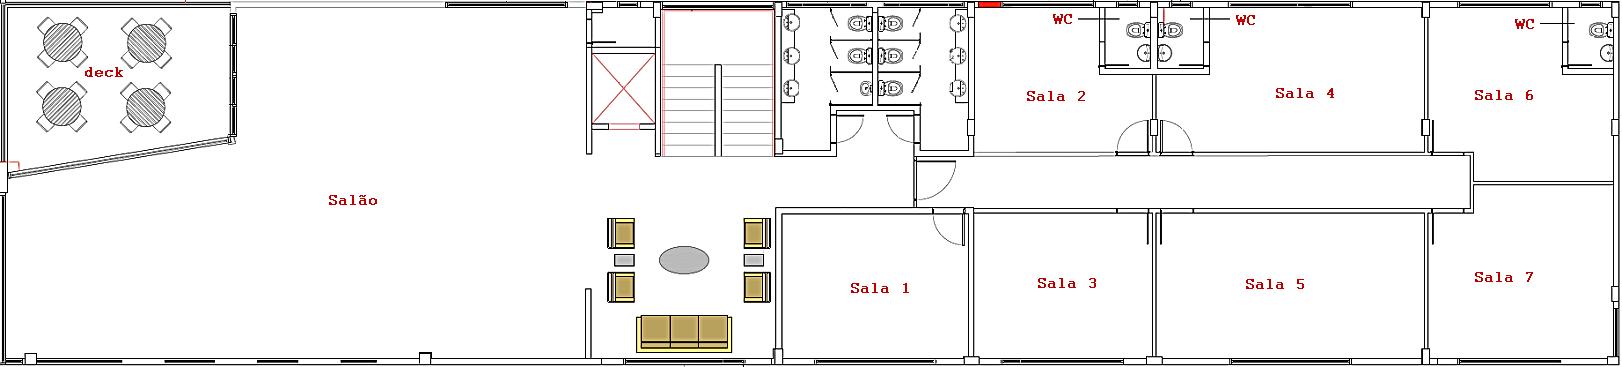 Planta baixa 2º pavimento (salas) Editad